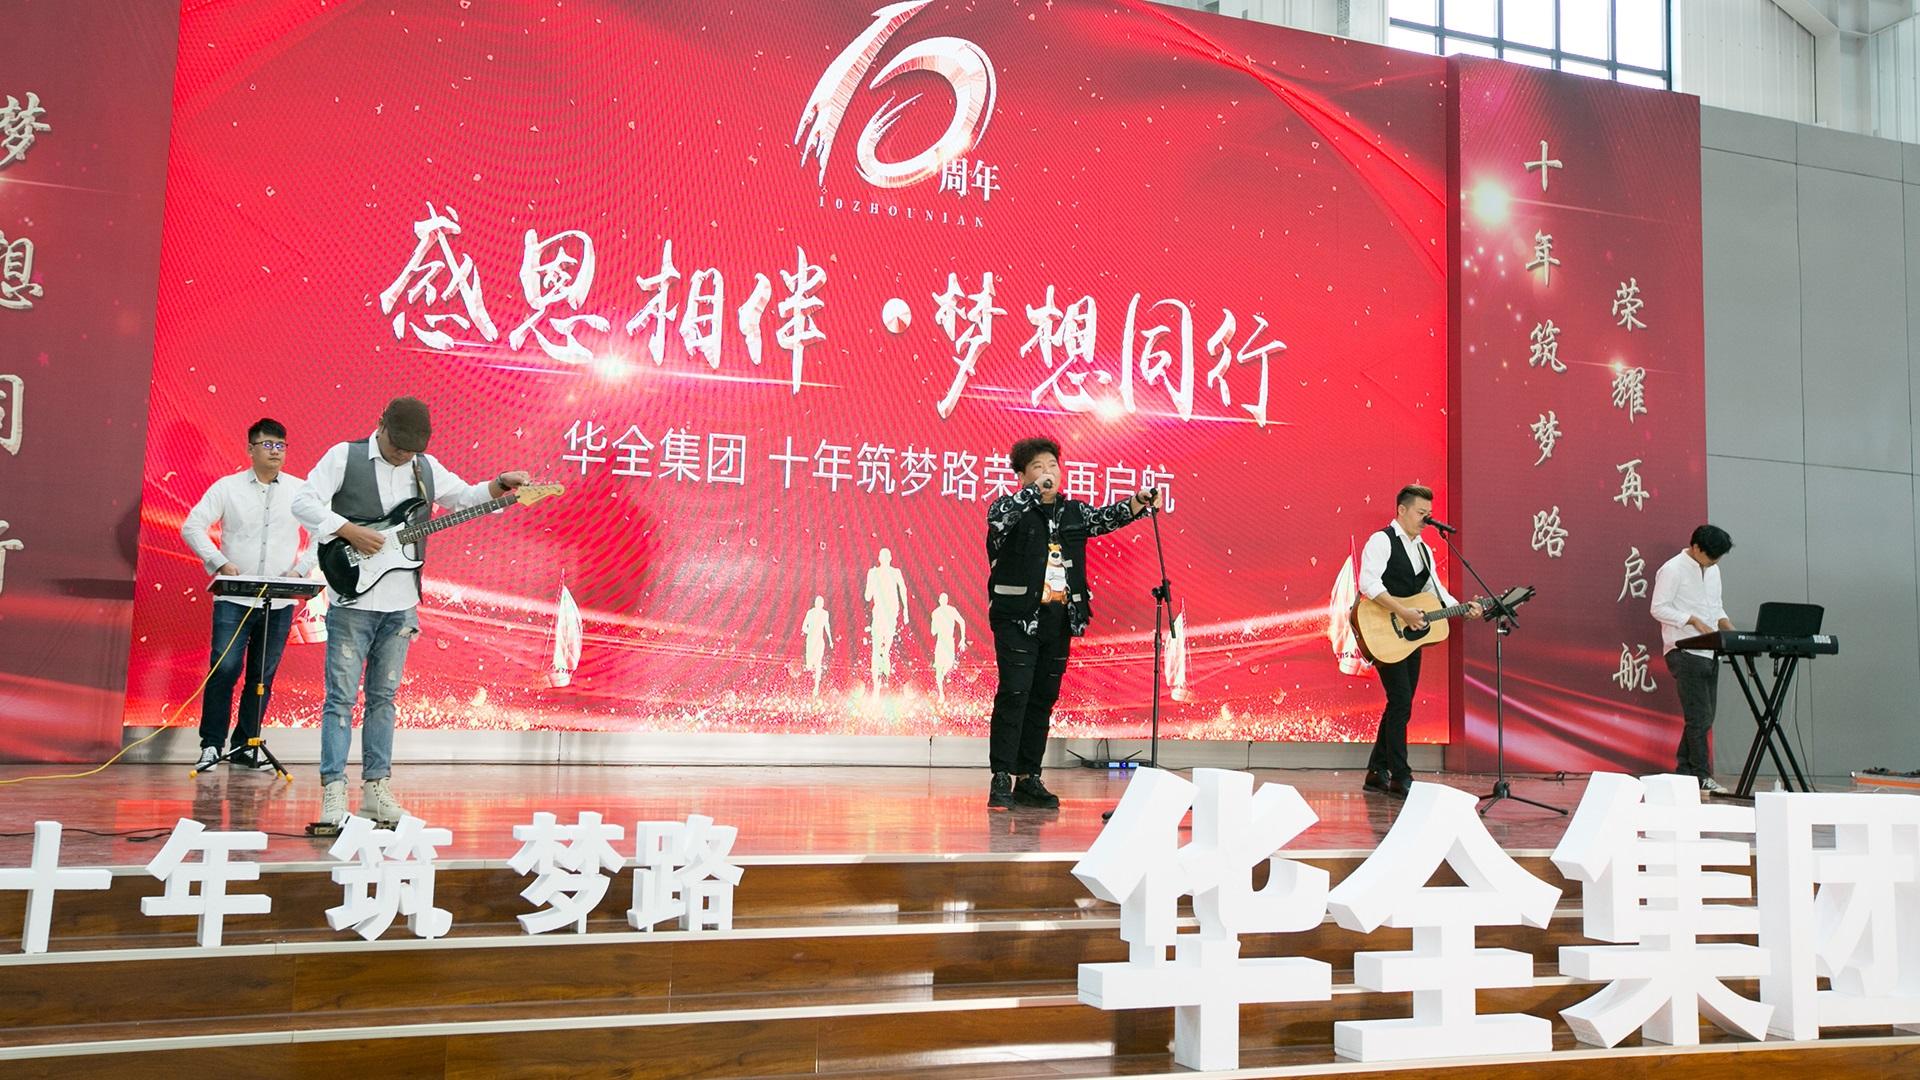 华全集团十周年庆典—— 《乐队演唱》